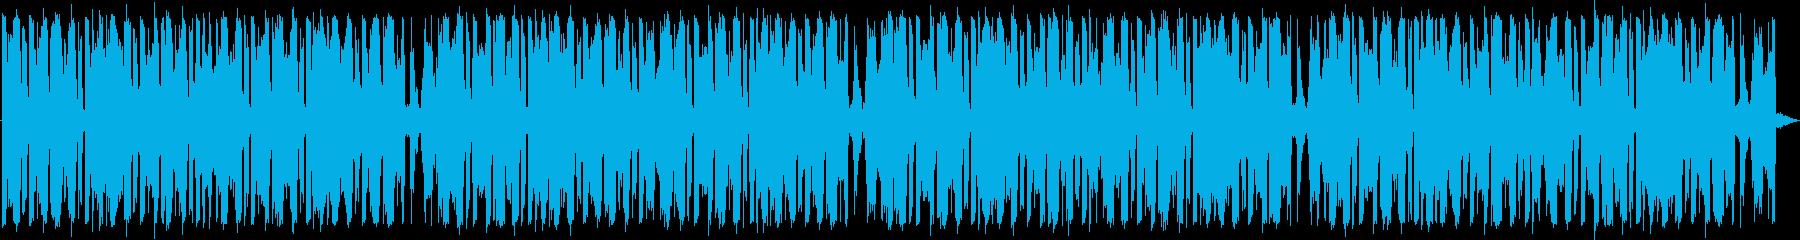 お洒落でクールなハウスミュージックの再生済みの波形